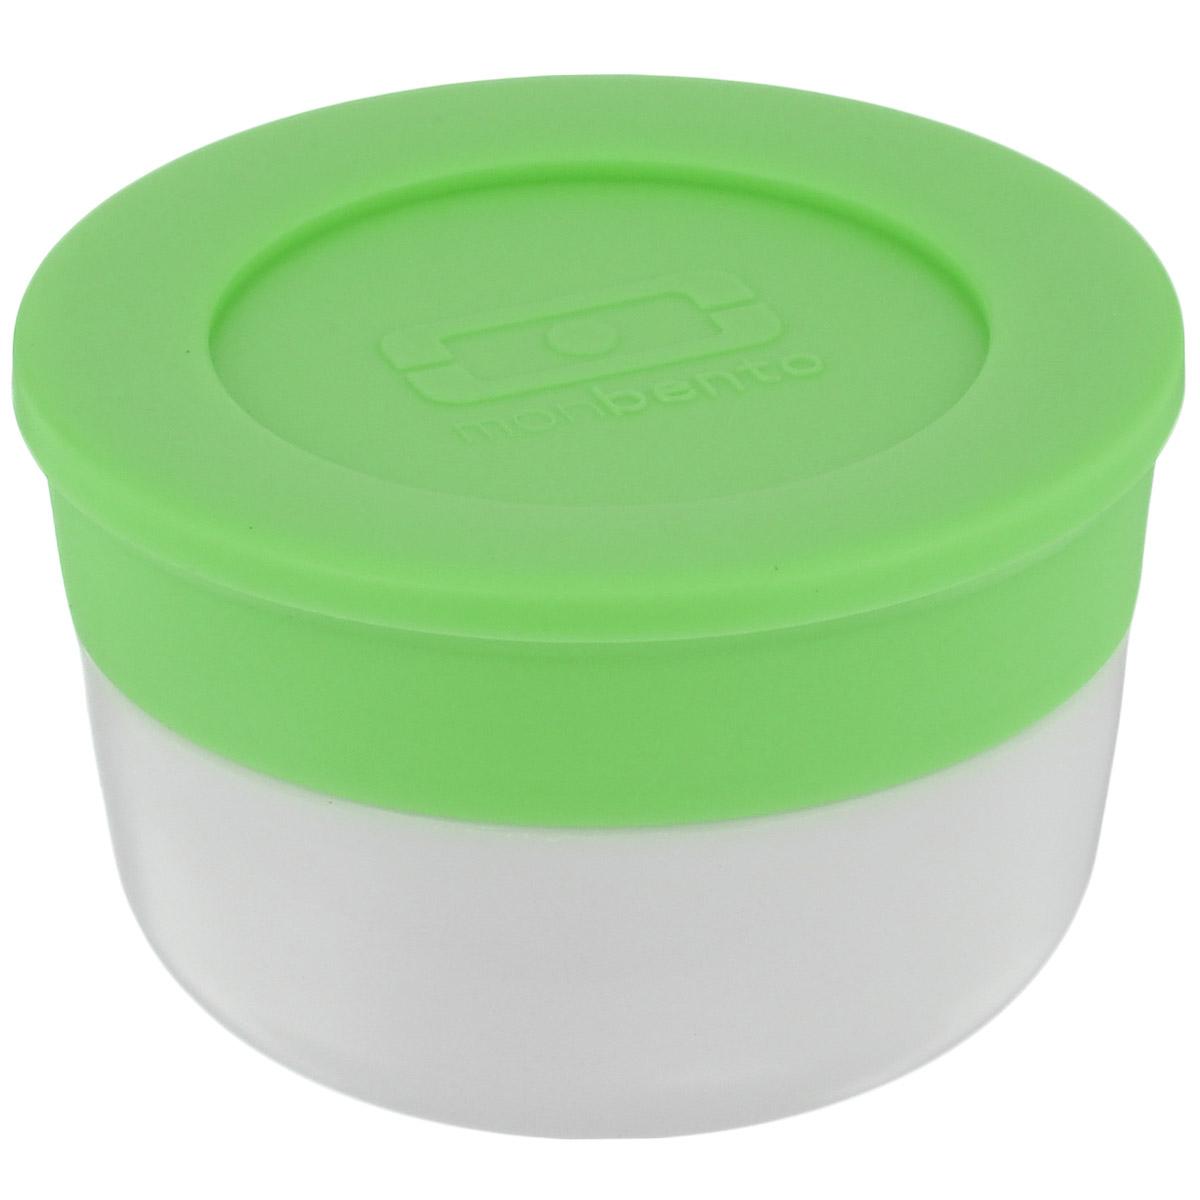 Соусница Monbento Monbento Temple, с крышкой, цвет: белый, зеленый, диаметр 5 см, 28 мл9374Соусница с крышкой Monbento MB Temple - удобное дополнение к ланч-боксу, которое позволит заправить соусом салат или гарнир прямо перед едой. Соусница изготовлена из полипропилена и имеет герметичную плотно закручивающуюся силиконовую крышечку. Идеально помещается в ланч-бокс от Monbento, занимая минимум места. Можно мыть в посудомоечной машине, а также хранить в морозильной камере.Диаметр соусницы: 5 см. Объем соусницы: 28 мл. Высота соусницы (с учетом крышки): 3,2 см. Диаметр по верхнему краю: 4,2 см.